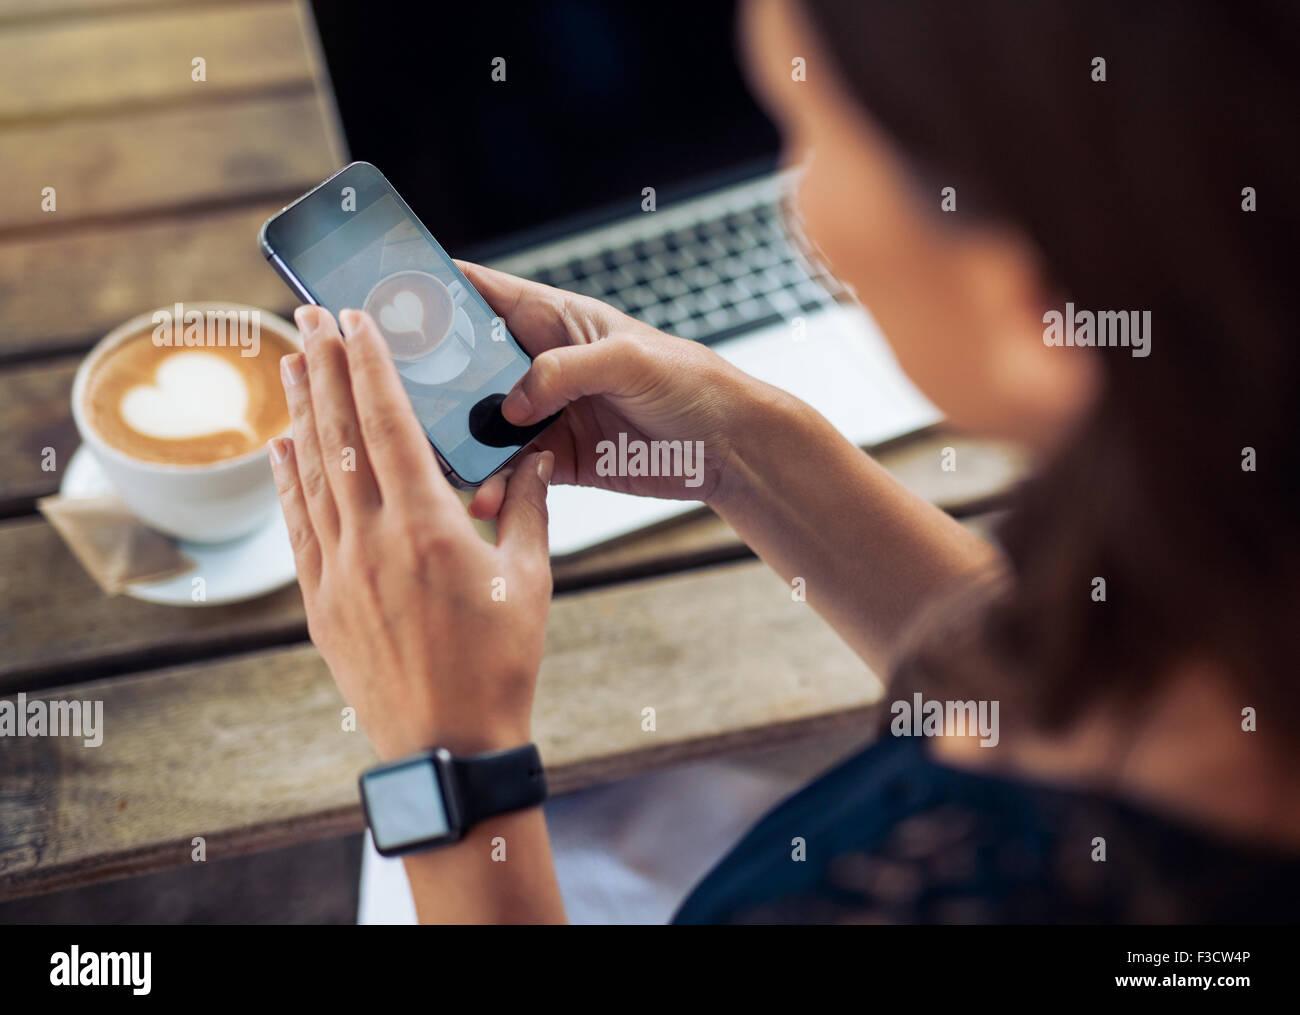 Immagine ravvicinata di donna fotografare un caffè di cup con il suo telefono cellulare mentre è seduto Immagini Stock